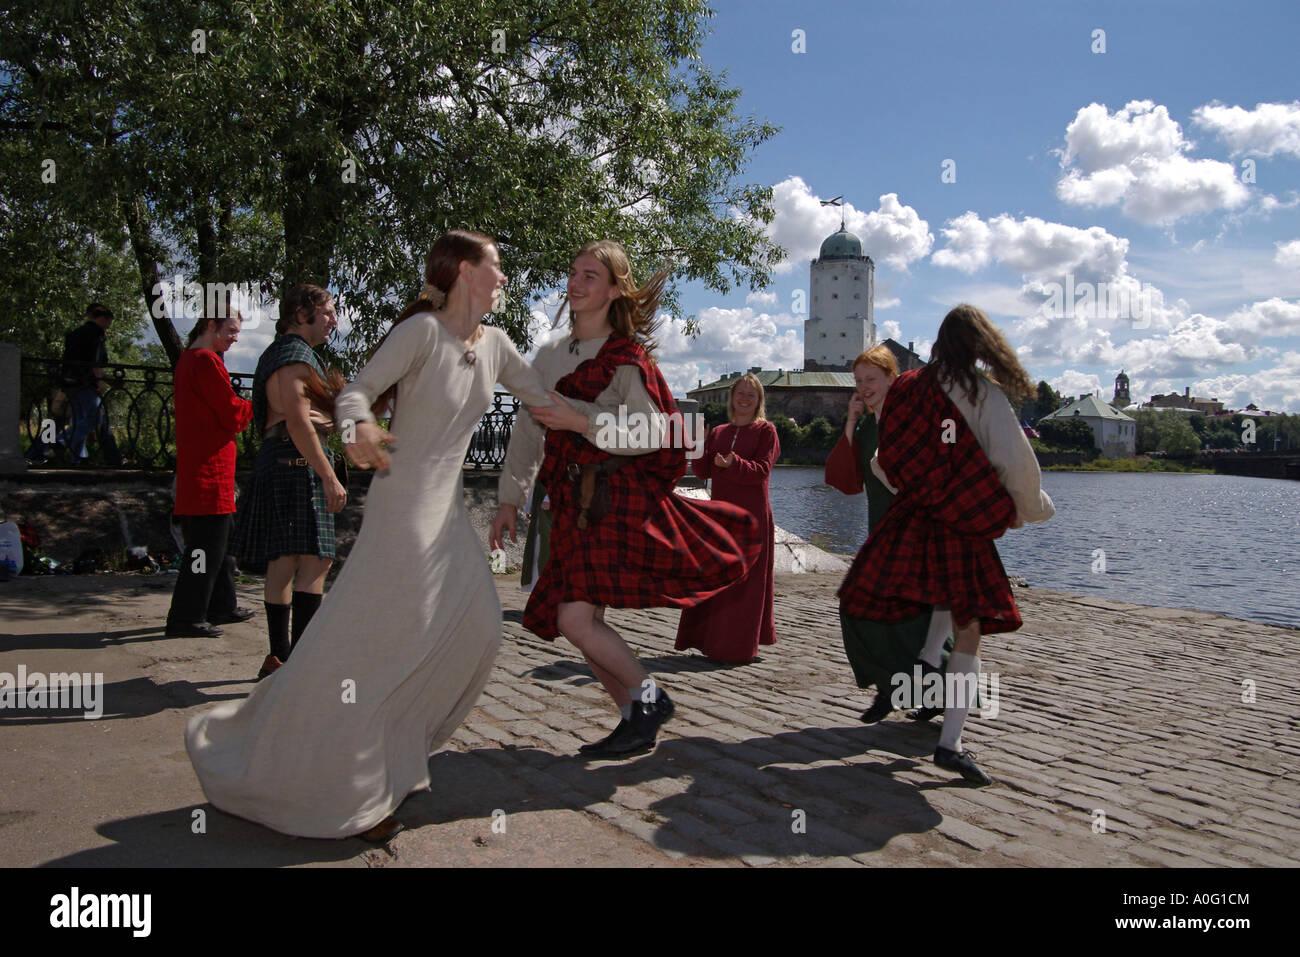 Medieval folk dancing look